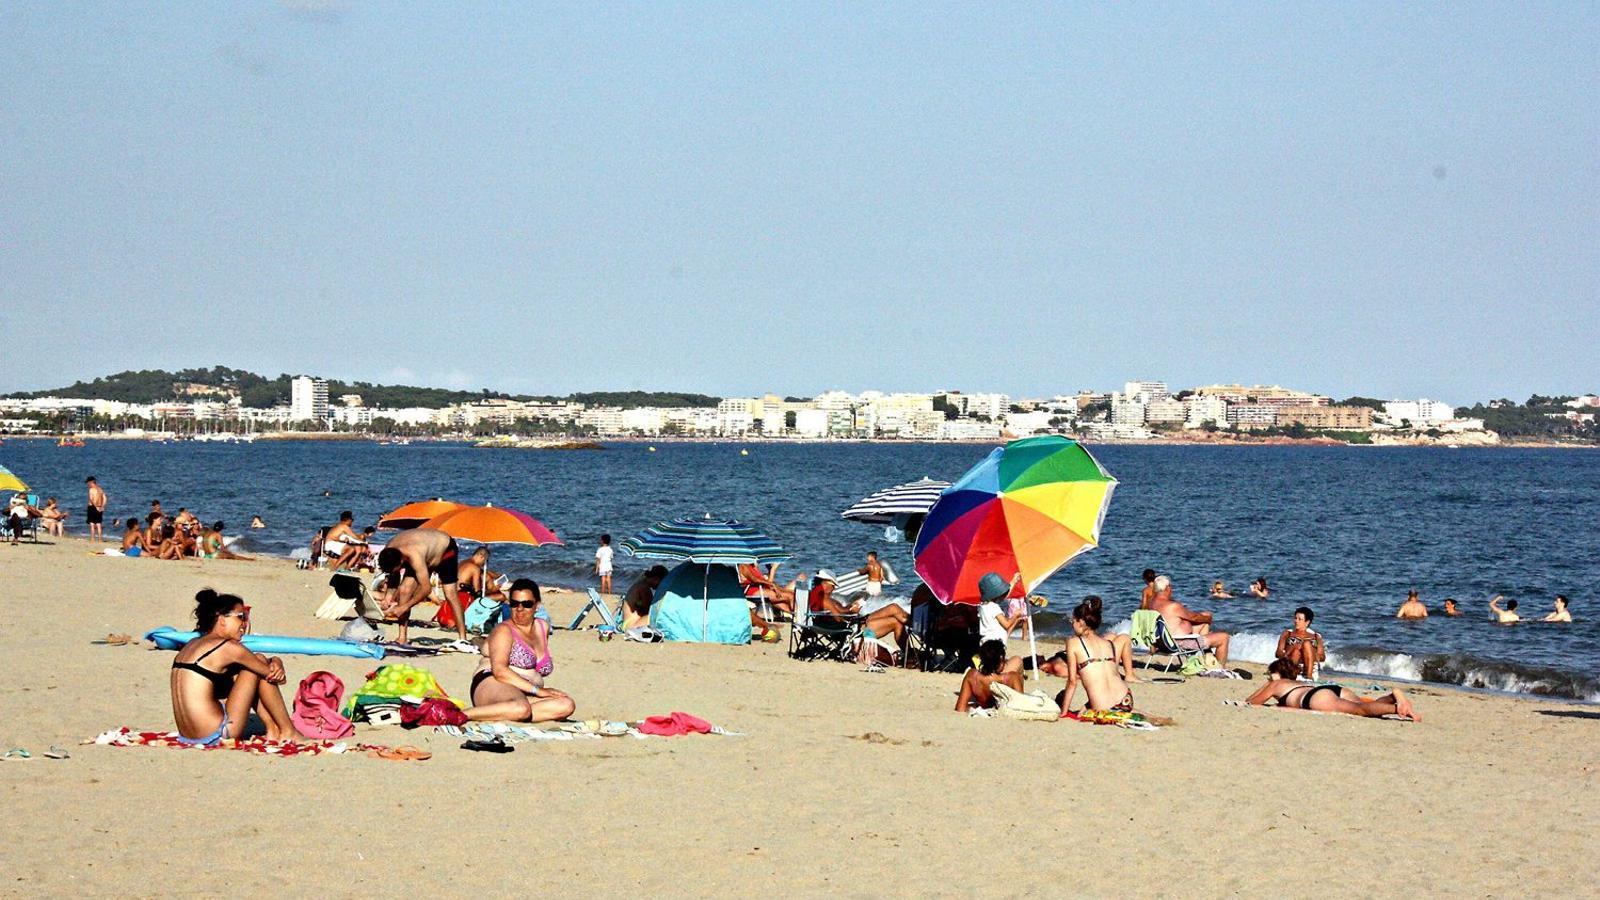 Diversos banyistes gaudint de la platja de Vilafortuny a Cambrils, municipi on també s'ha notat la caiguda del turisme rus.